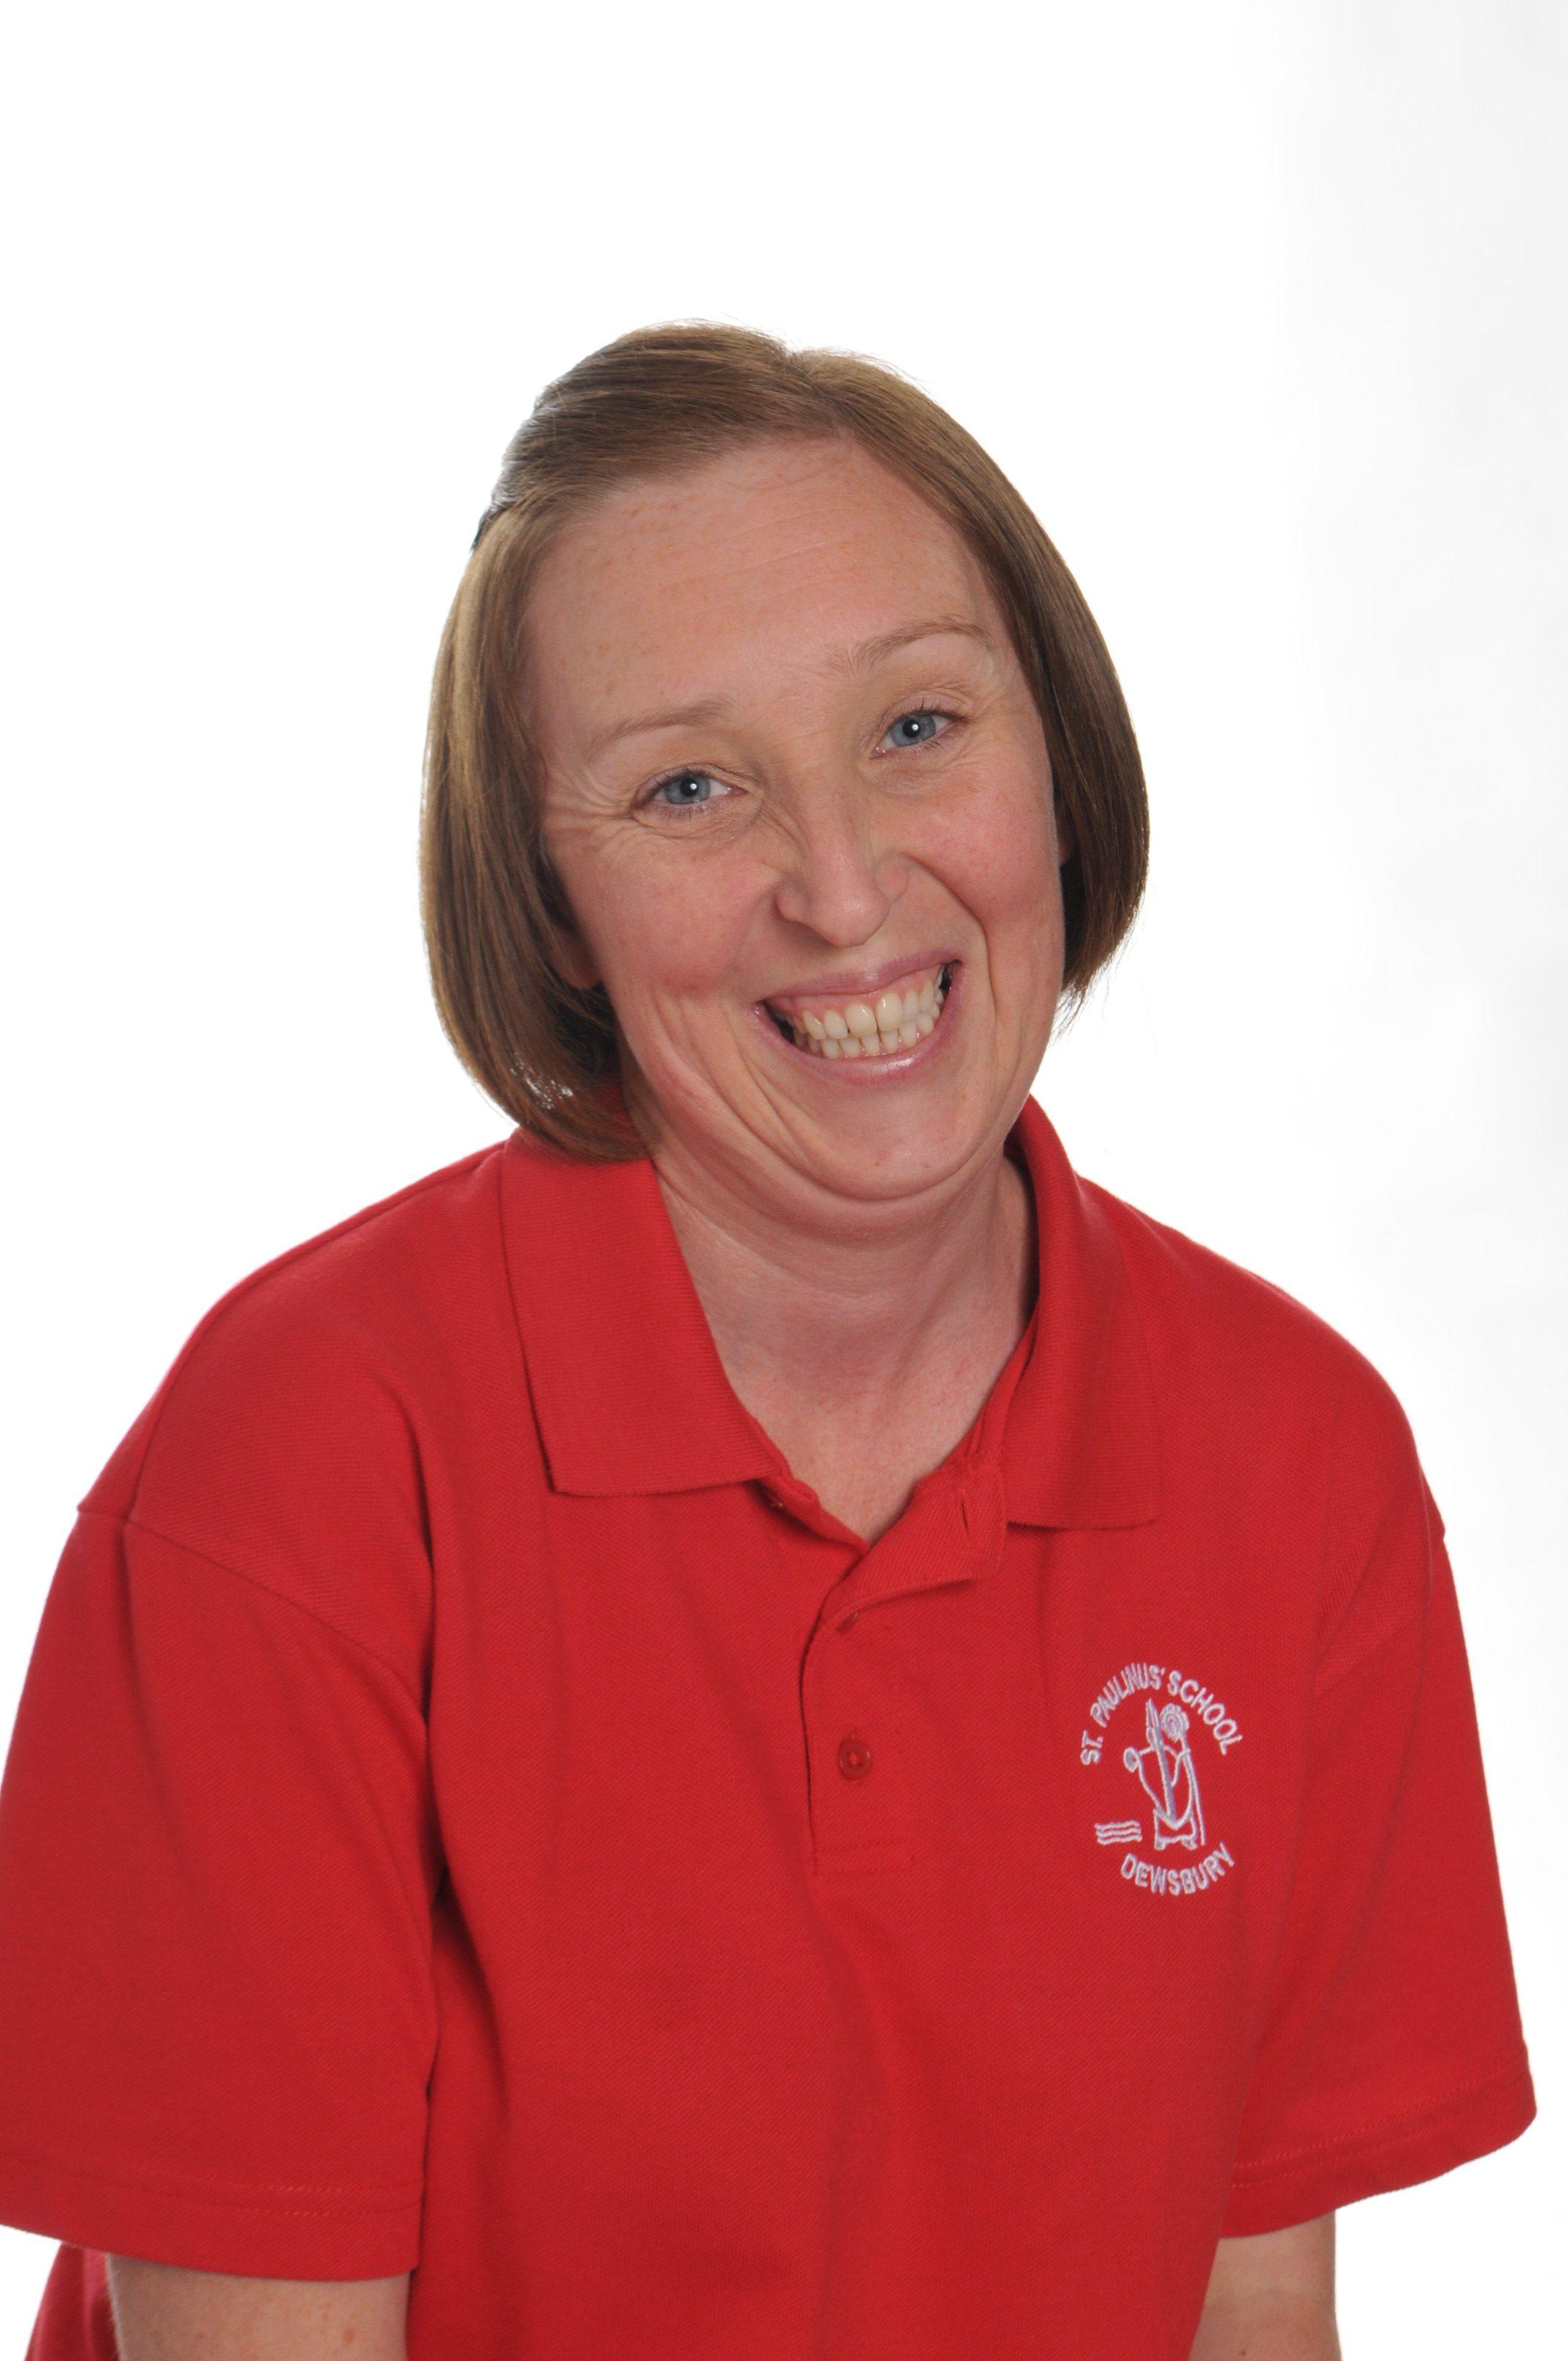 Mrs Pearson